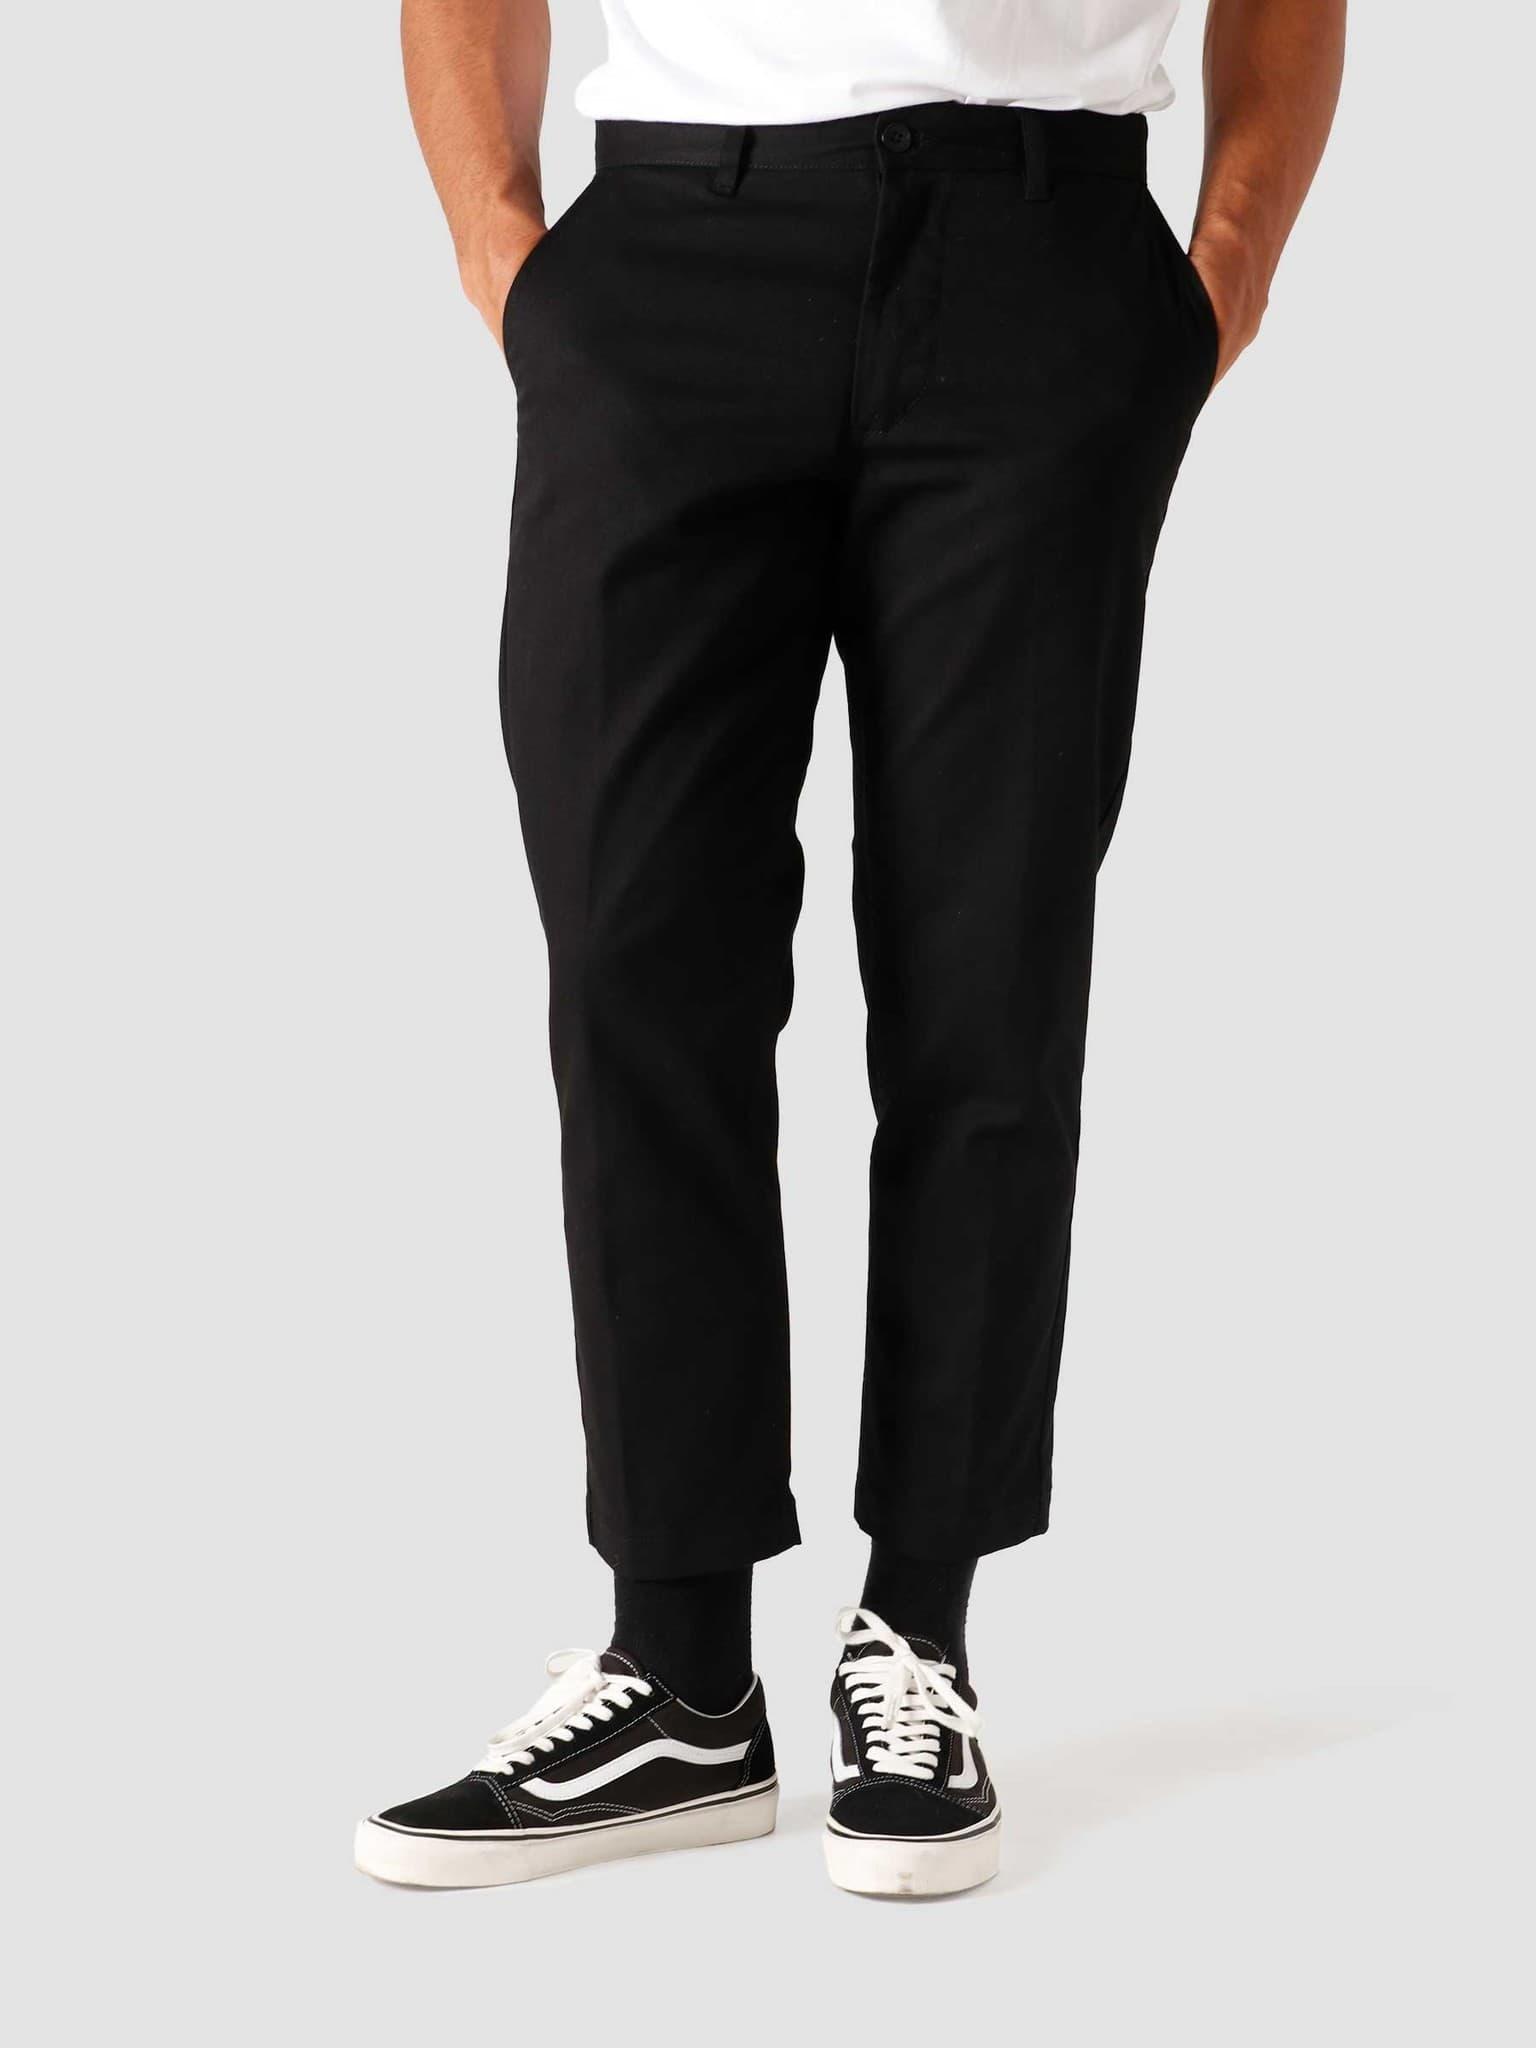 Straggler Flooded Pants Black 142020113-BLK